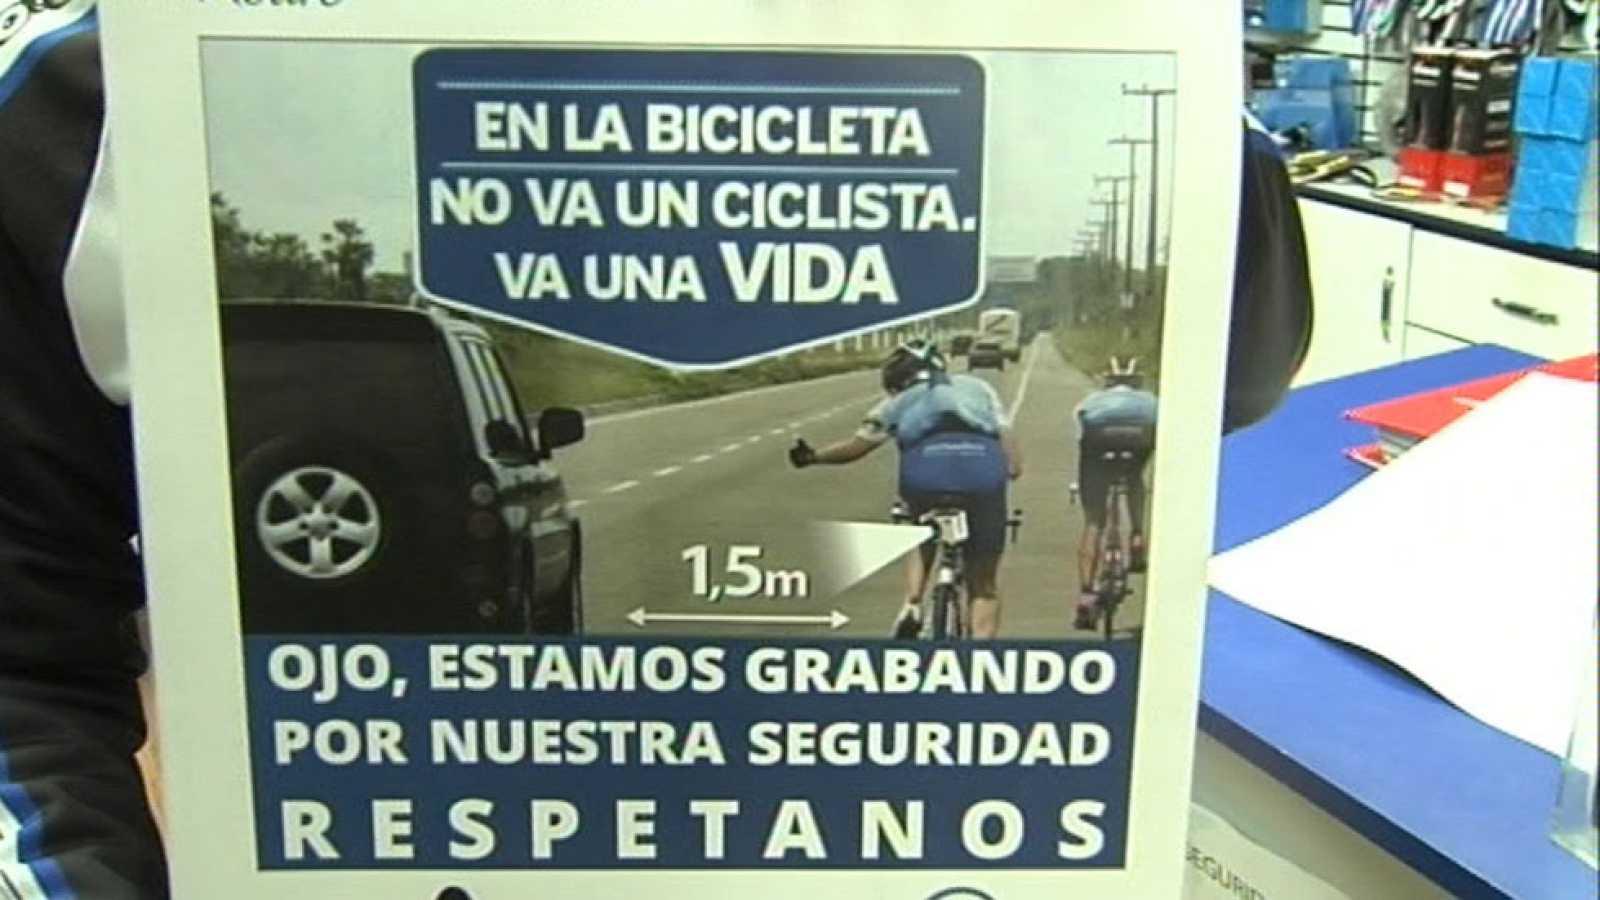 Los peligros de practicar ciclismo